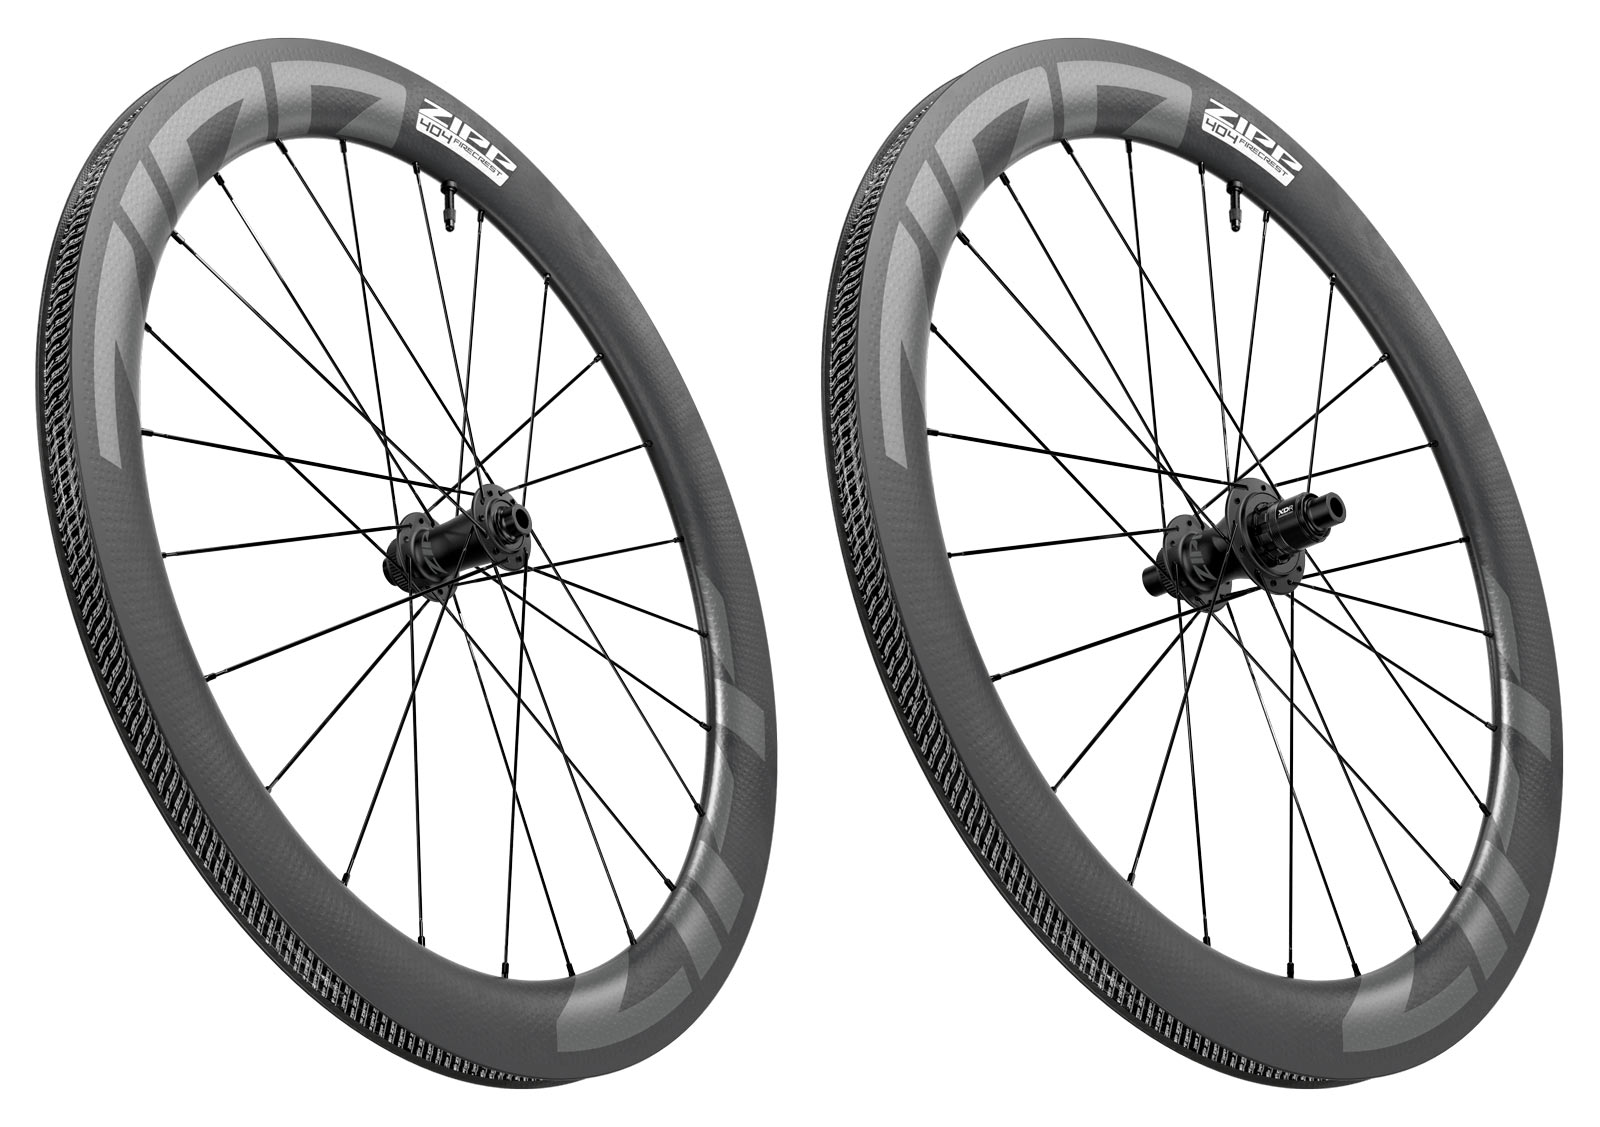 2022 zipp 404 firecrest tubeless ready disc brake road bike wheels angle view